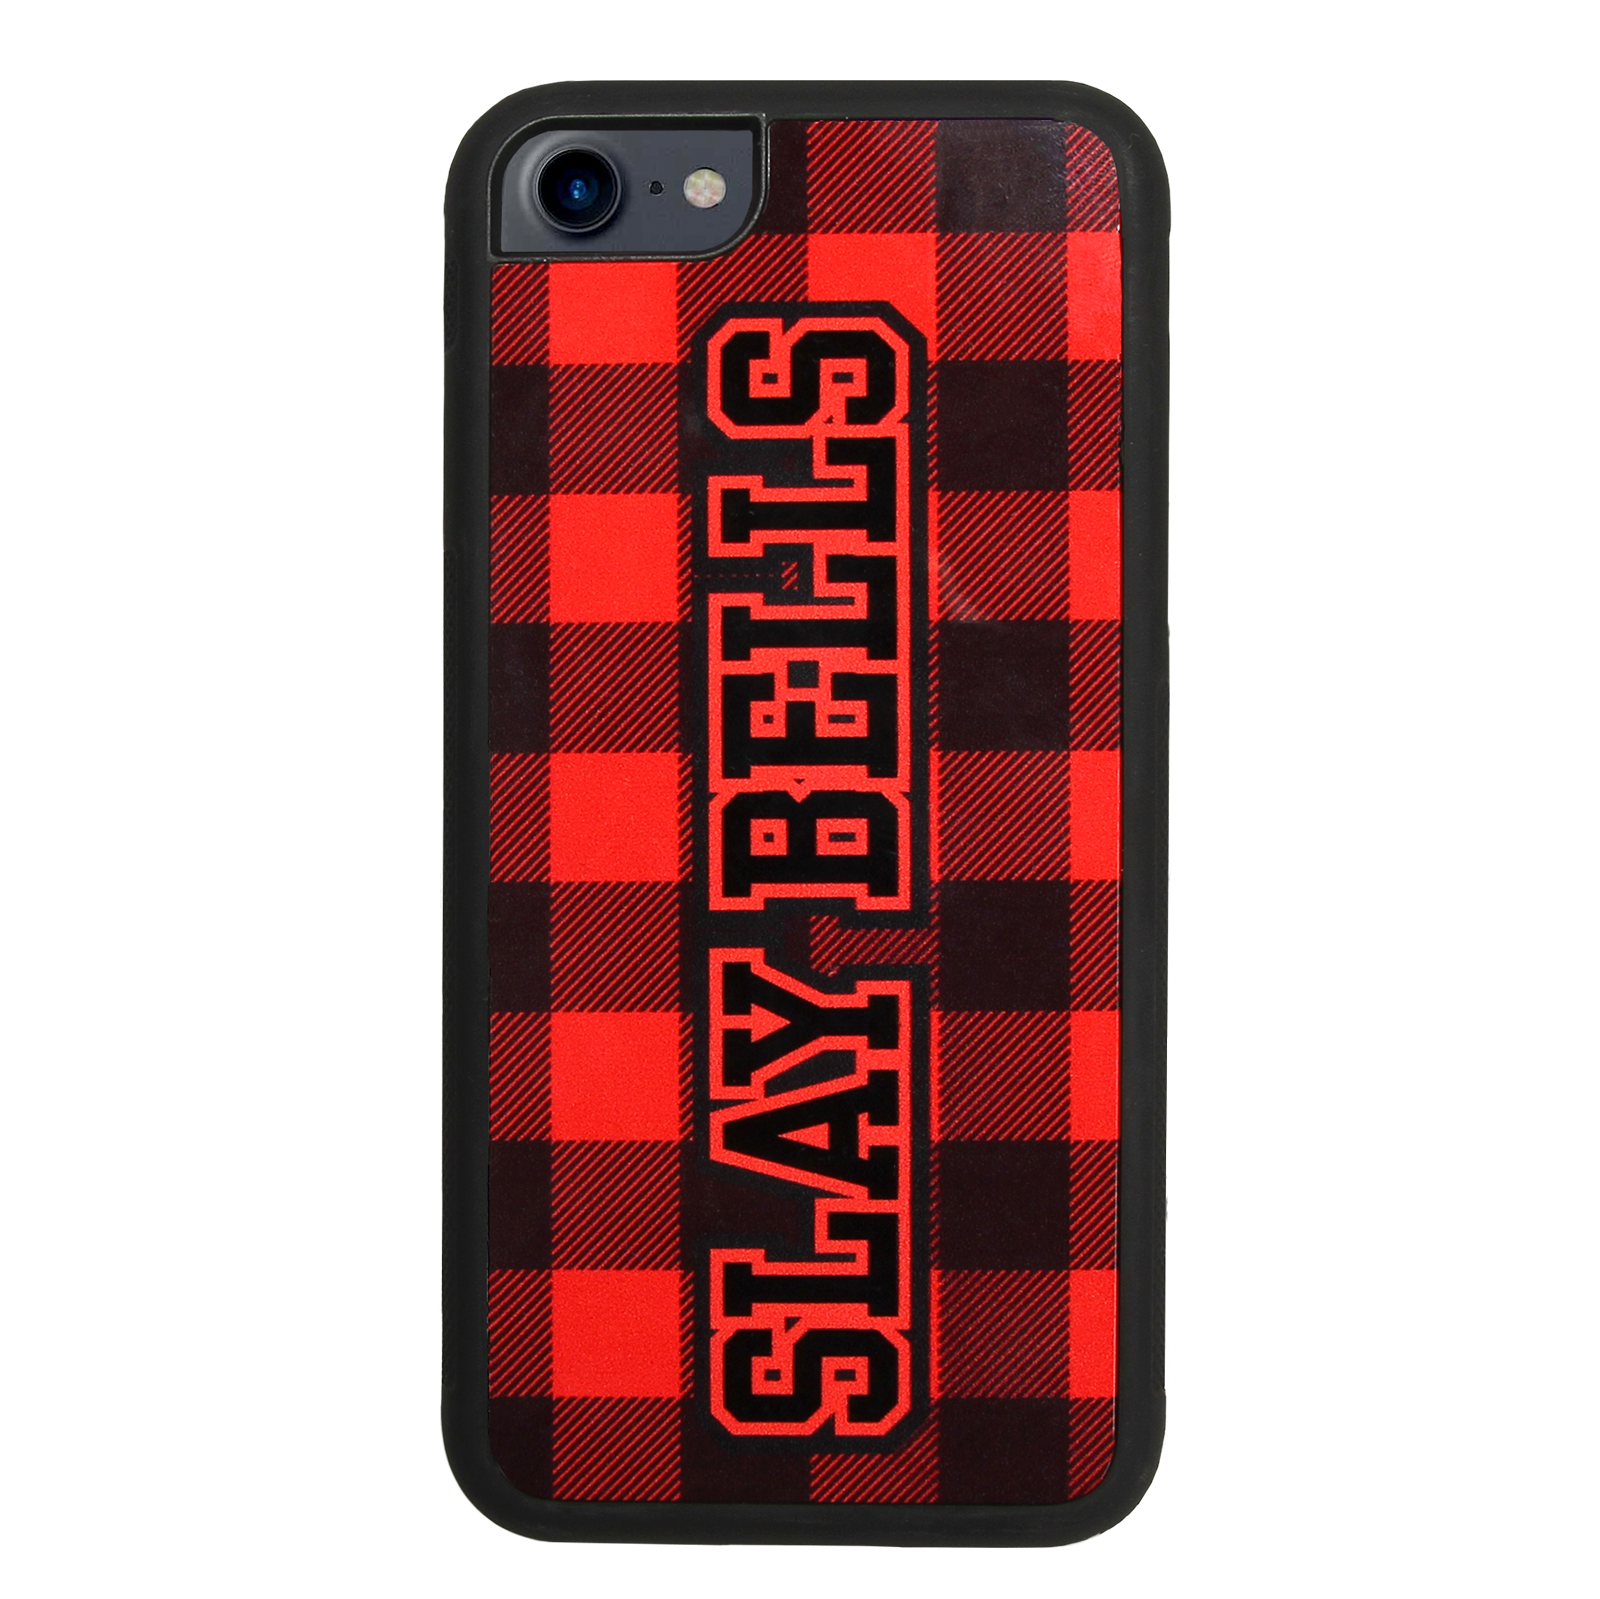 Slaybells Phonecase $30